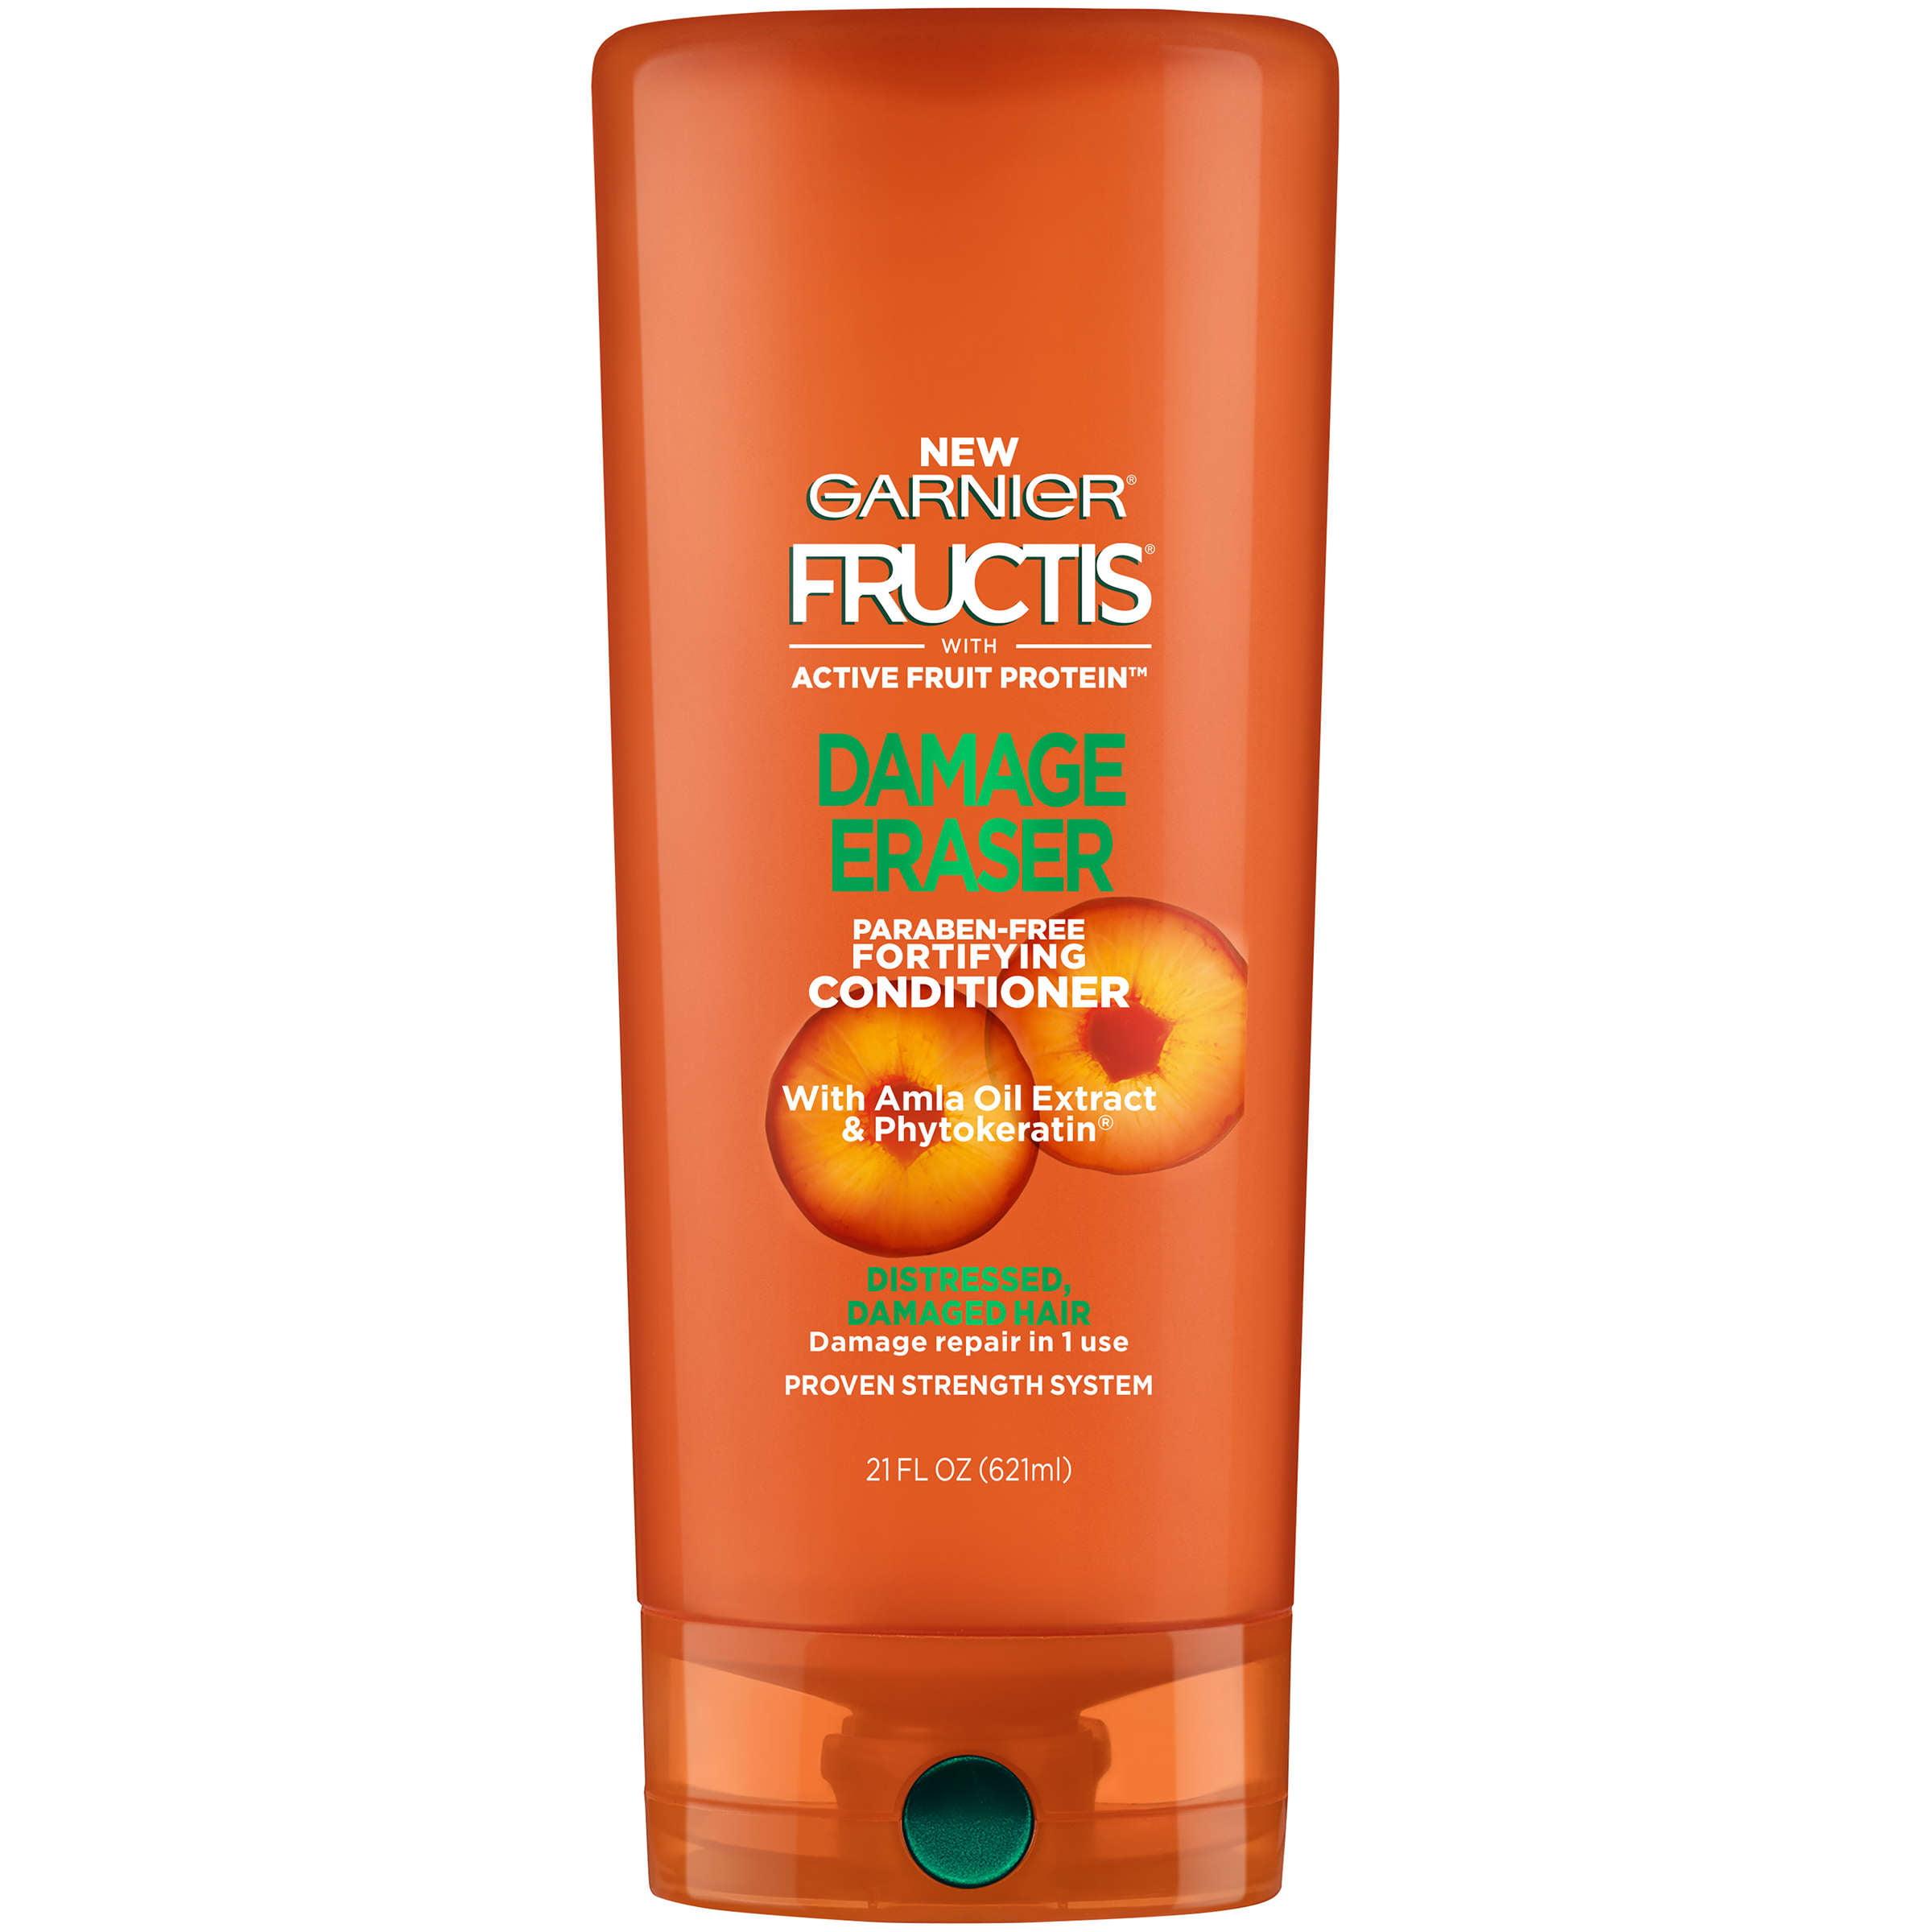 Garnier Fructis Damage Eraser Conditioner 21 FL OZ